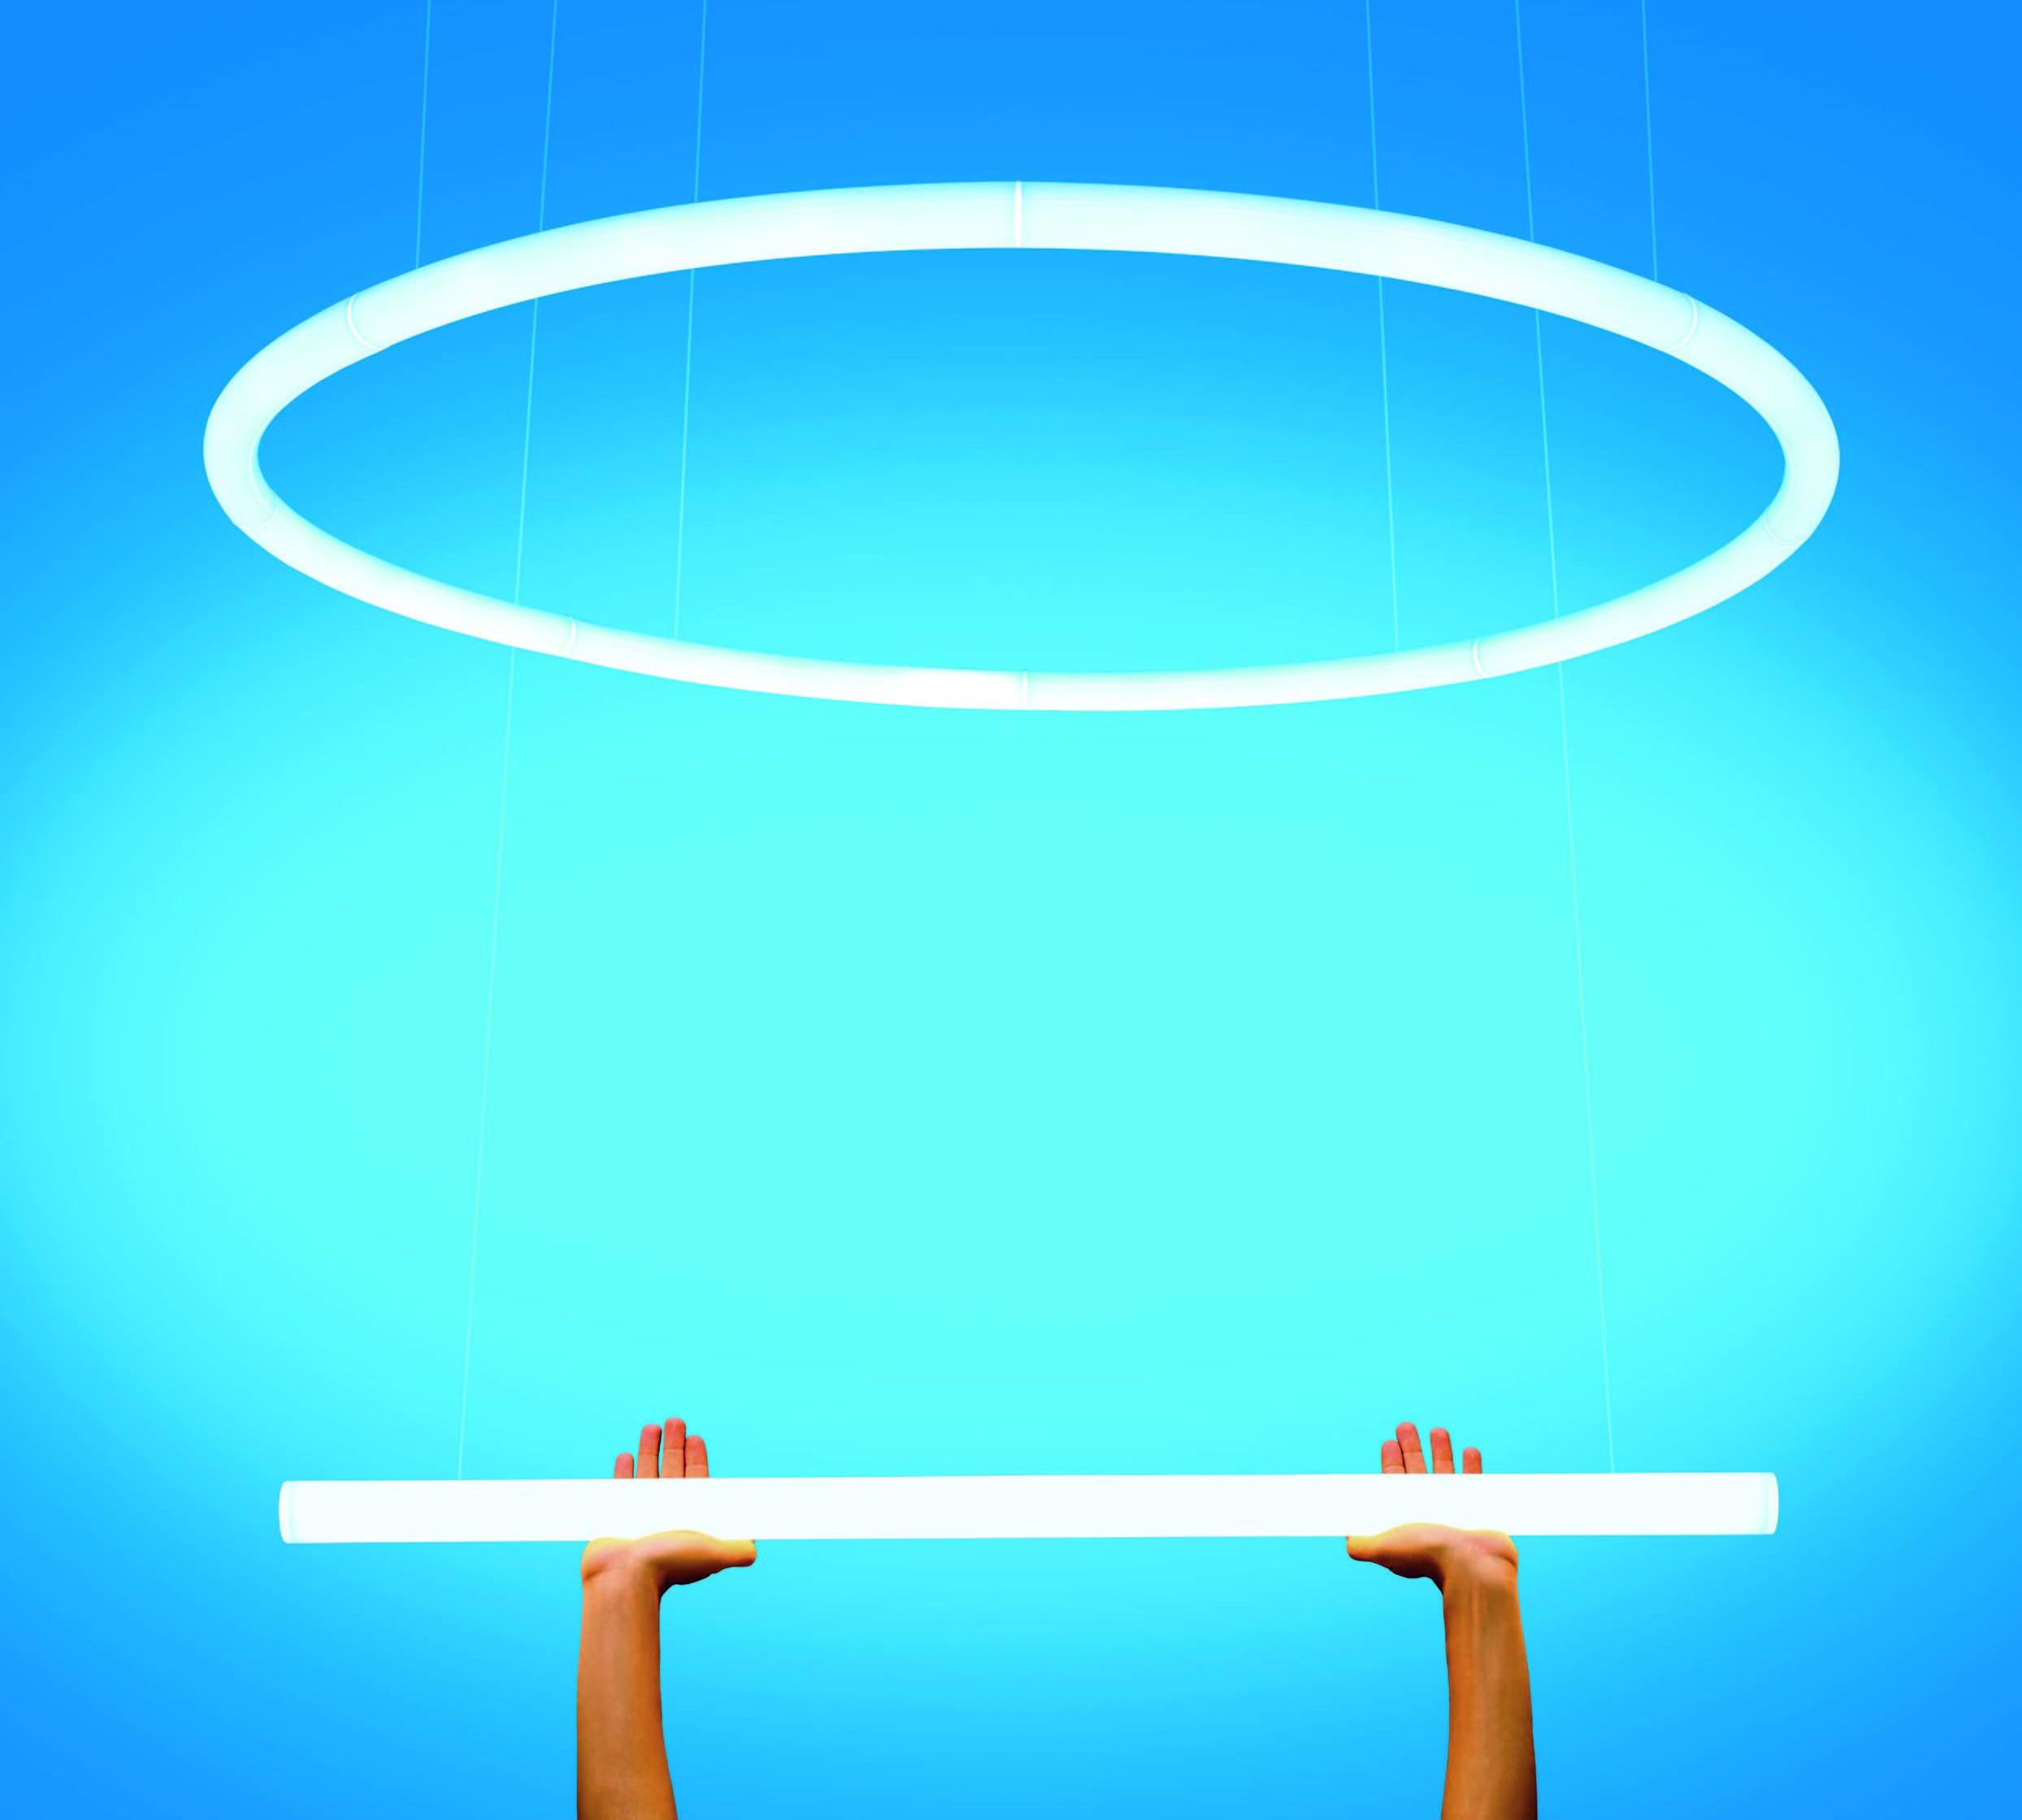 """Il sistema """"Alphabet of Light"""" di Artemide è un sistema articolato e flessibile che permette di comporre lettere e forme luminose nello spazio"""